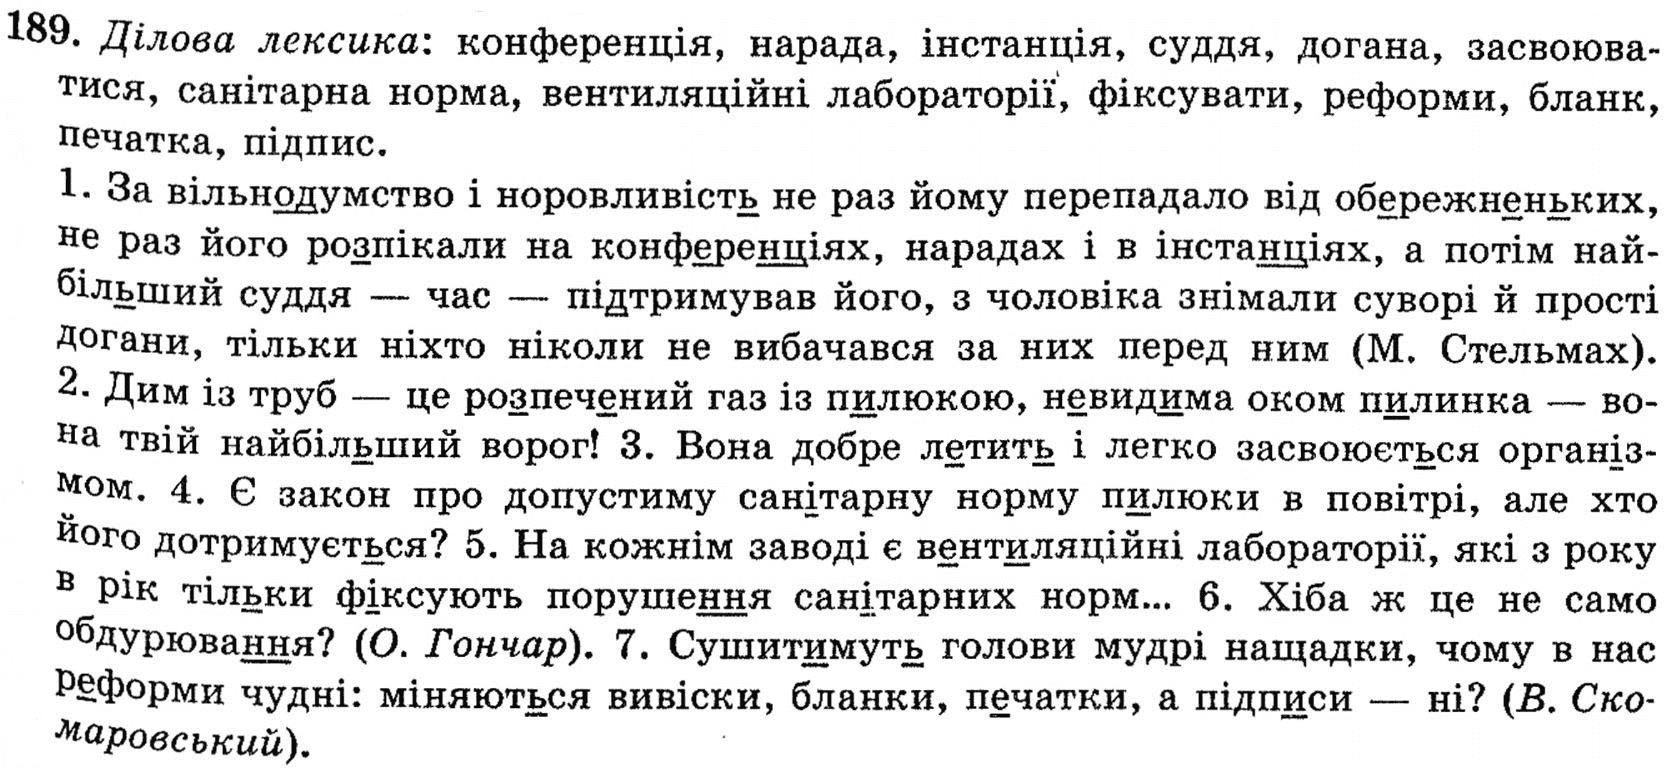 гдз по української мови 10 класс